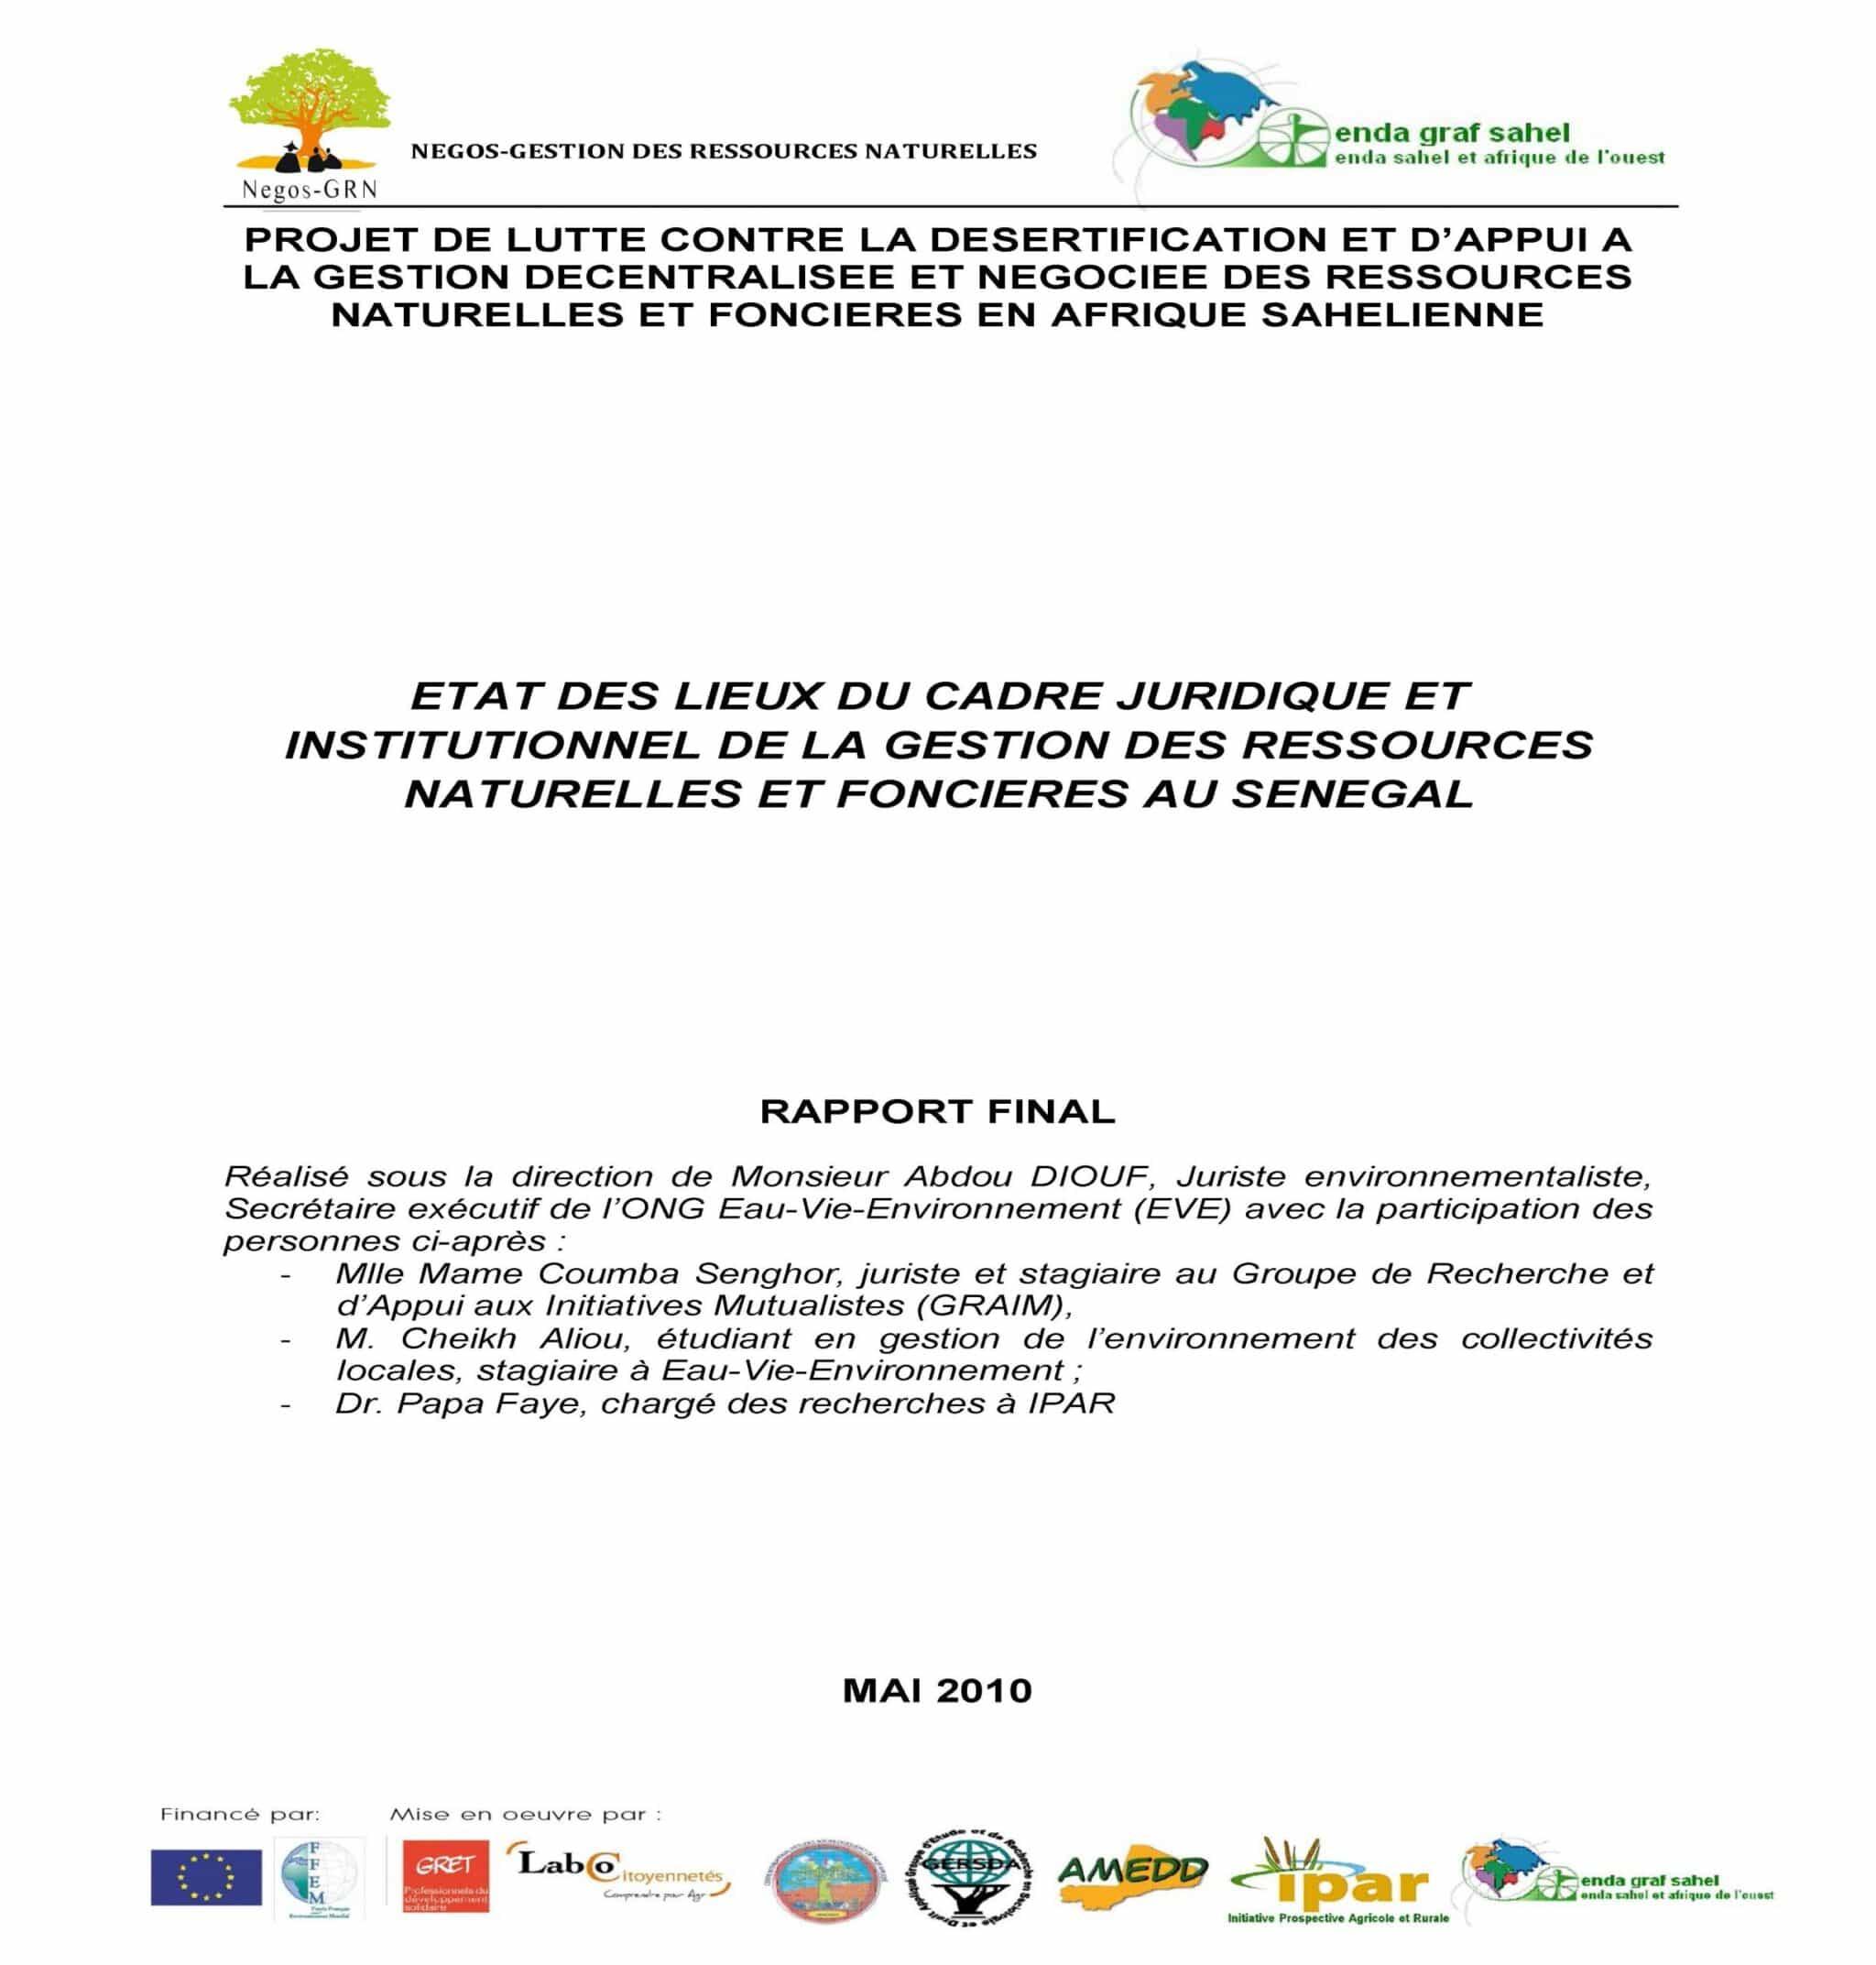 Etat des lieux du cadre juridique et institutionnel de la gestion des ressources naturelles et foncières du Sénégal : rapport final